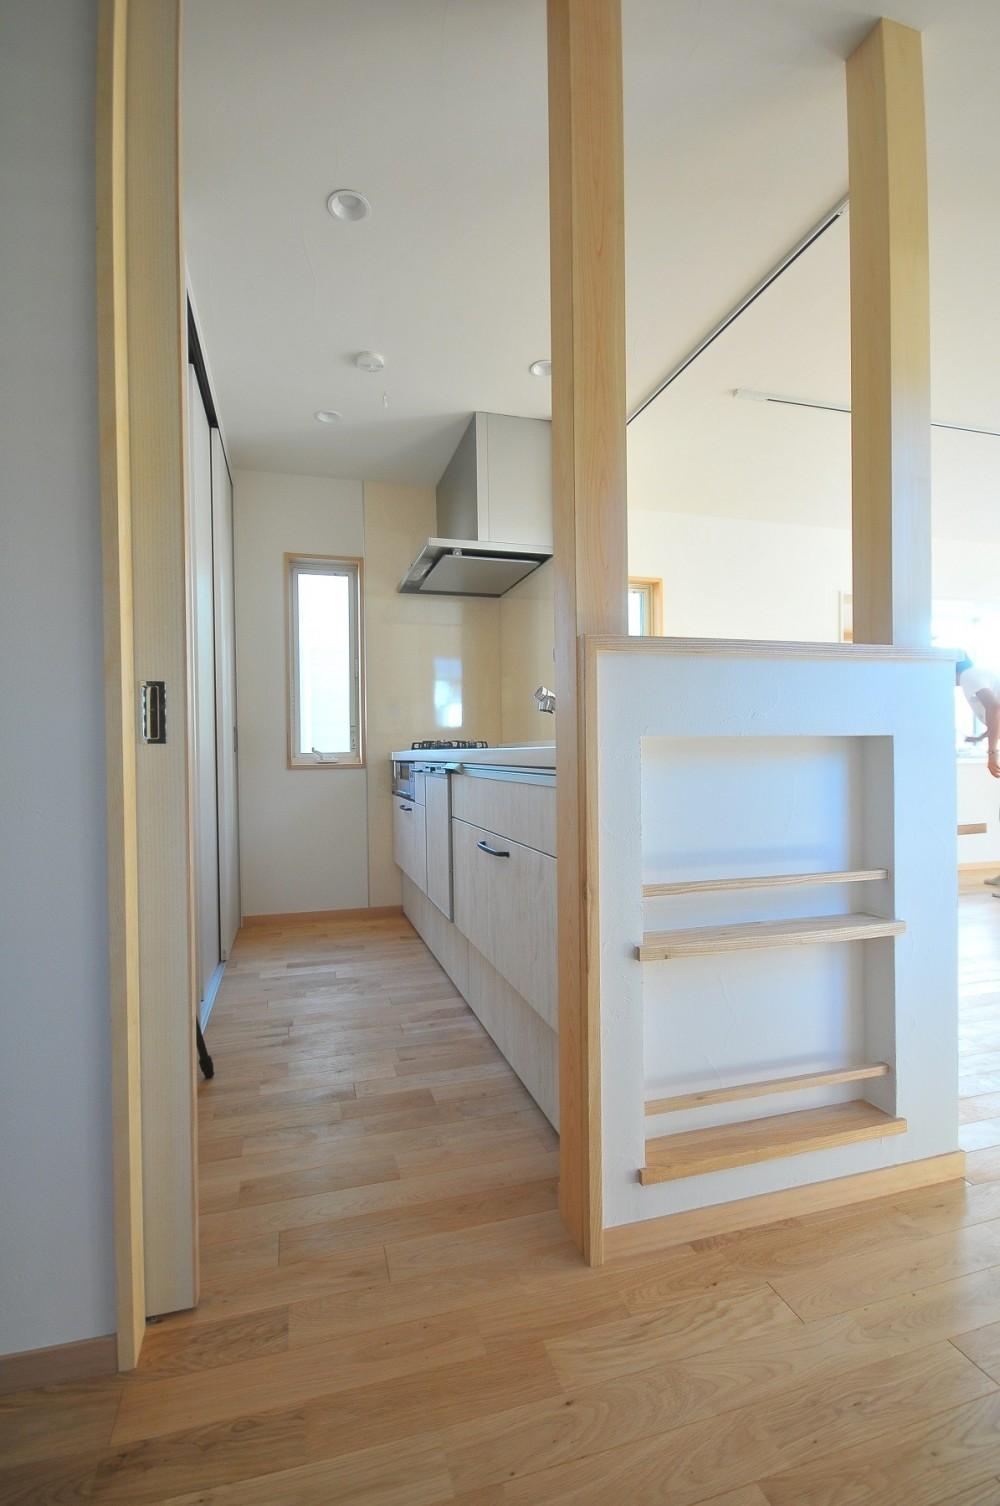 ウッドデッキから海を見渡す潮風と緑豊かな山の上に建つ家 (キッチン)